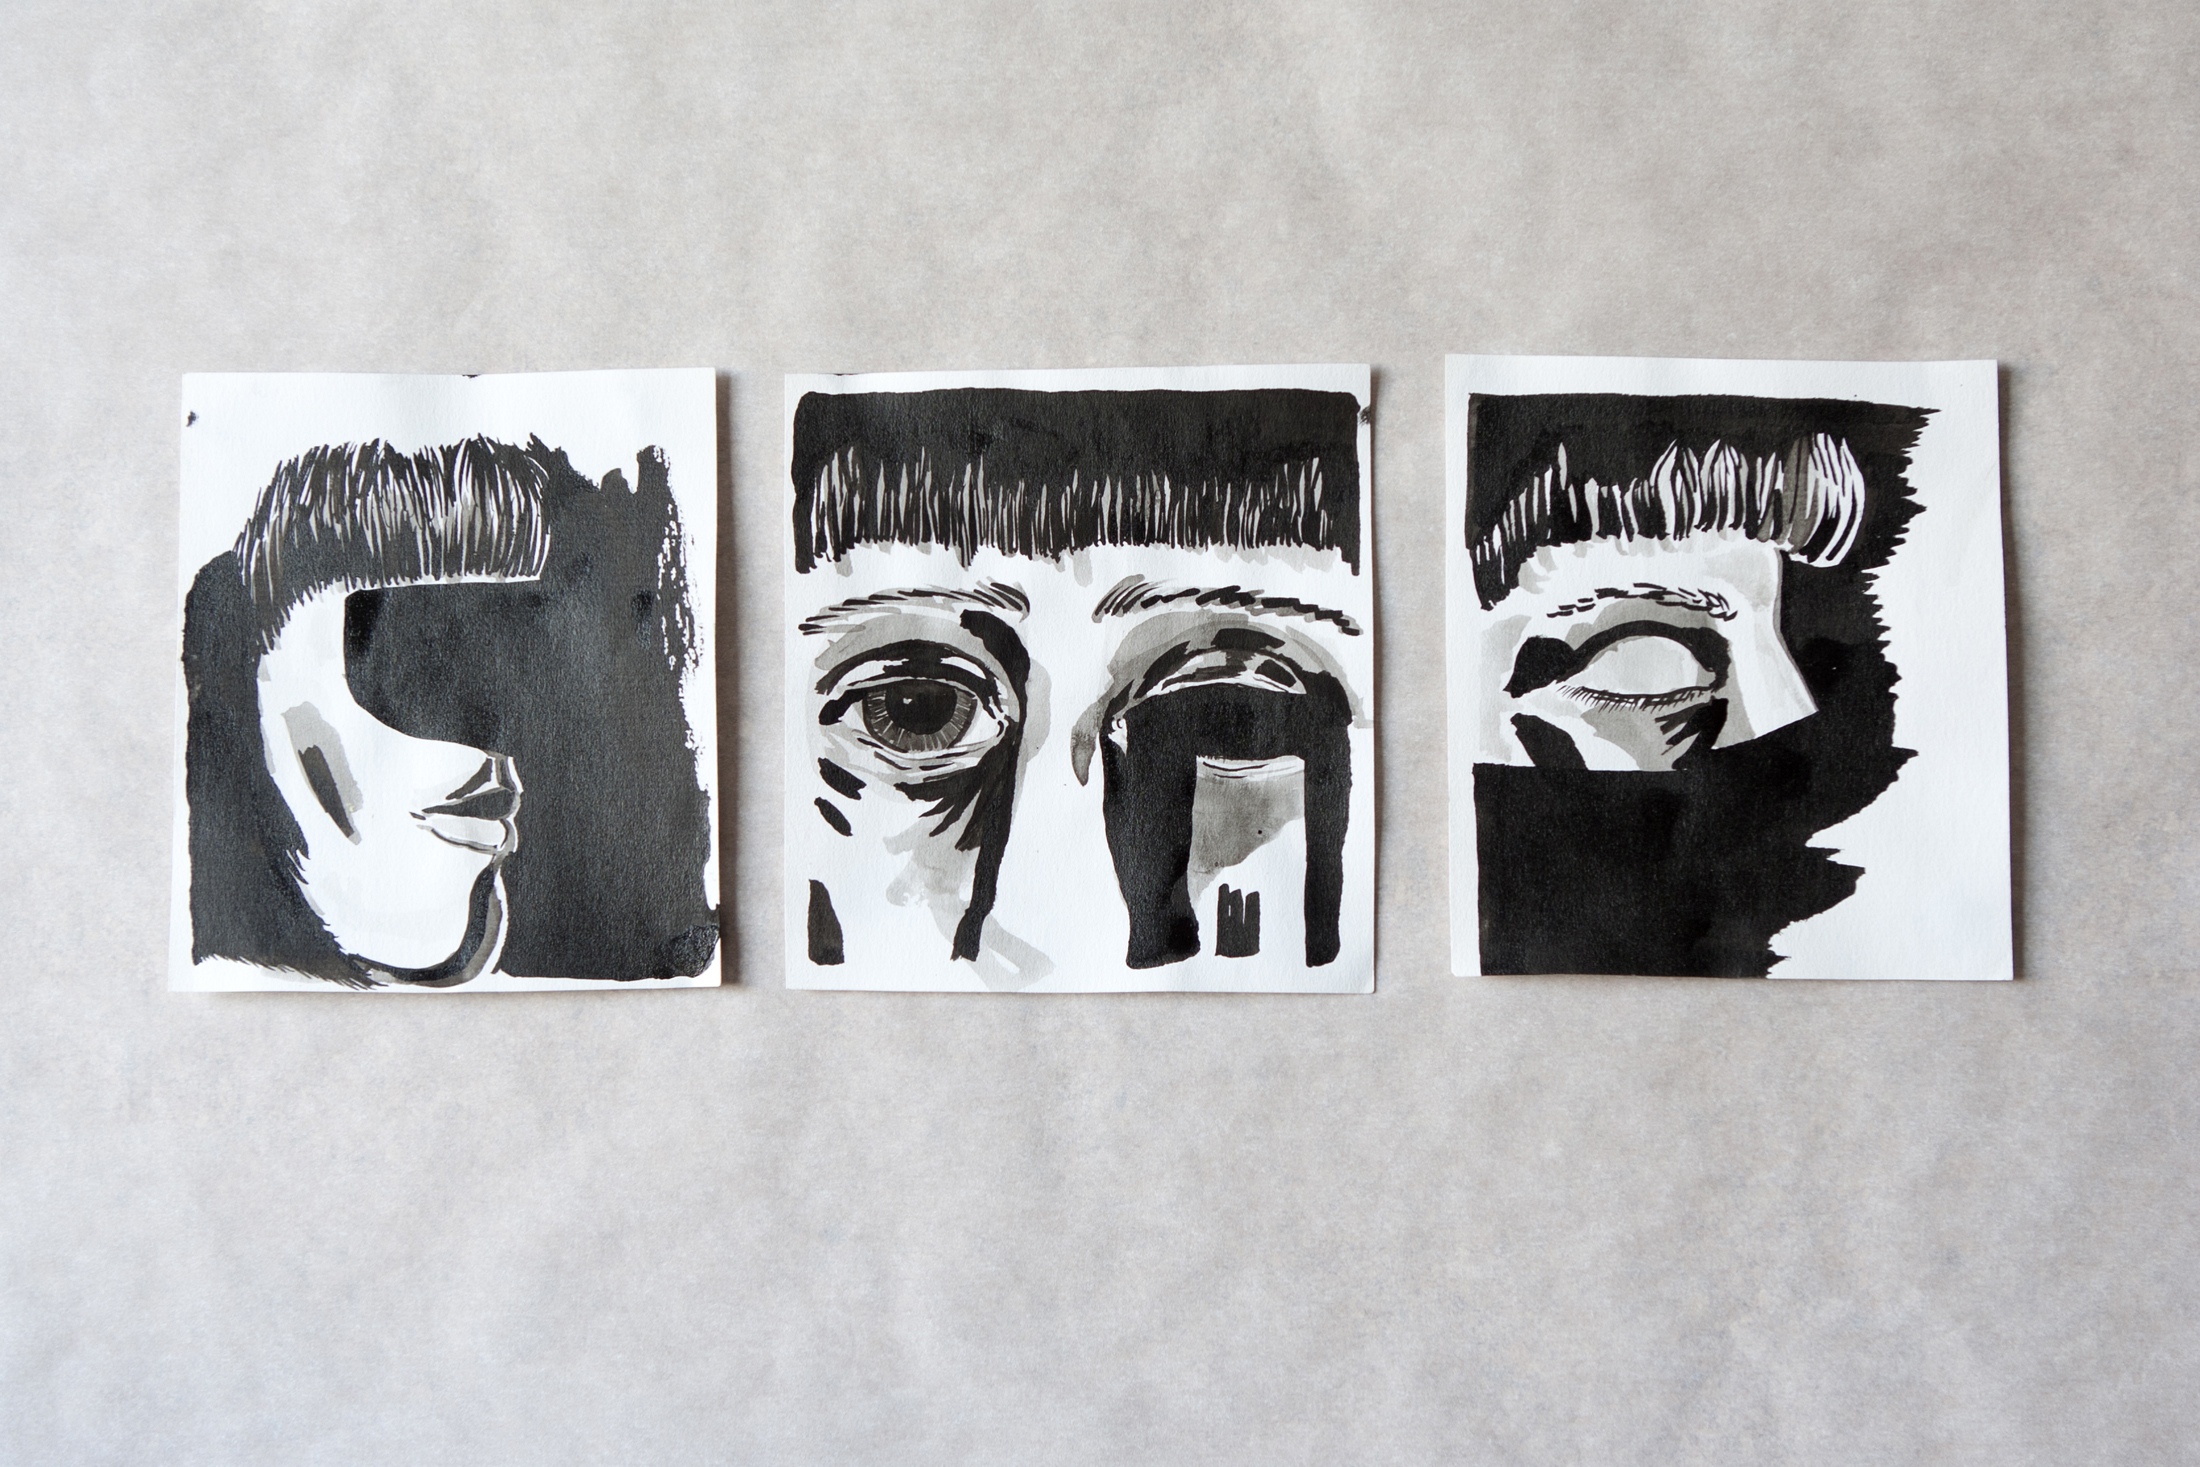 Self-Portrait I, II, III